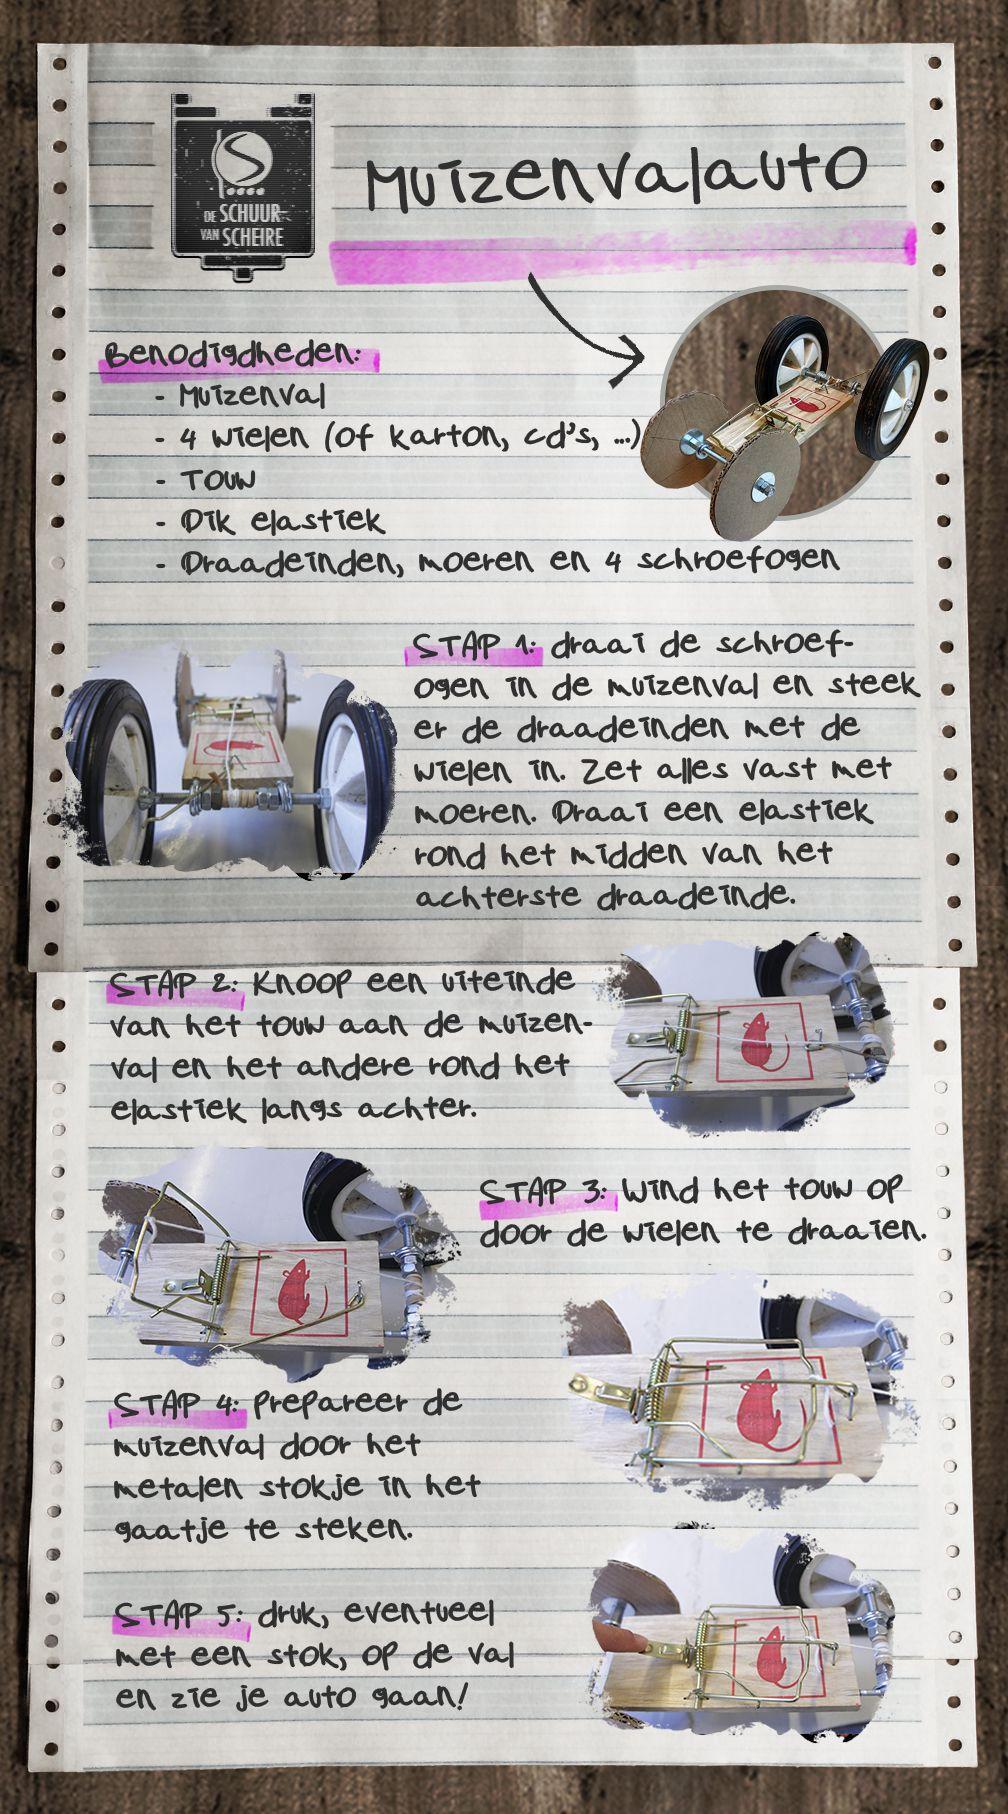 DIY - Muizenvalauto•De Schuur van Scheire